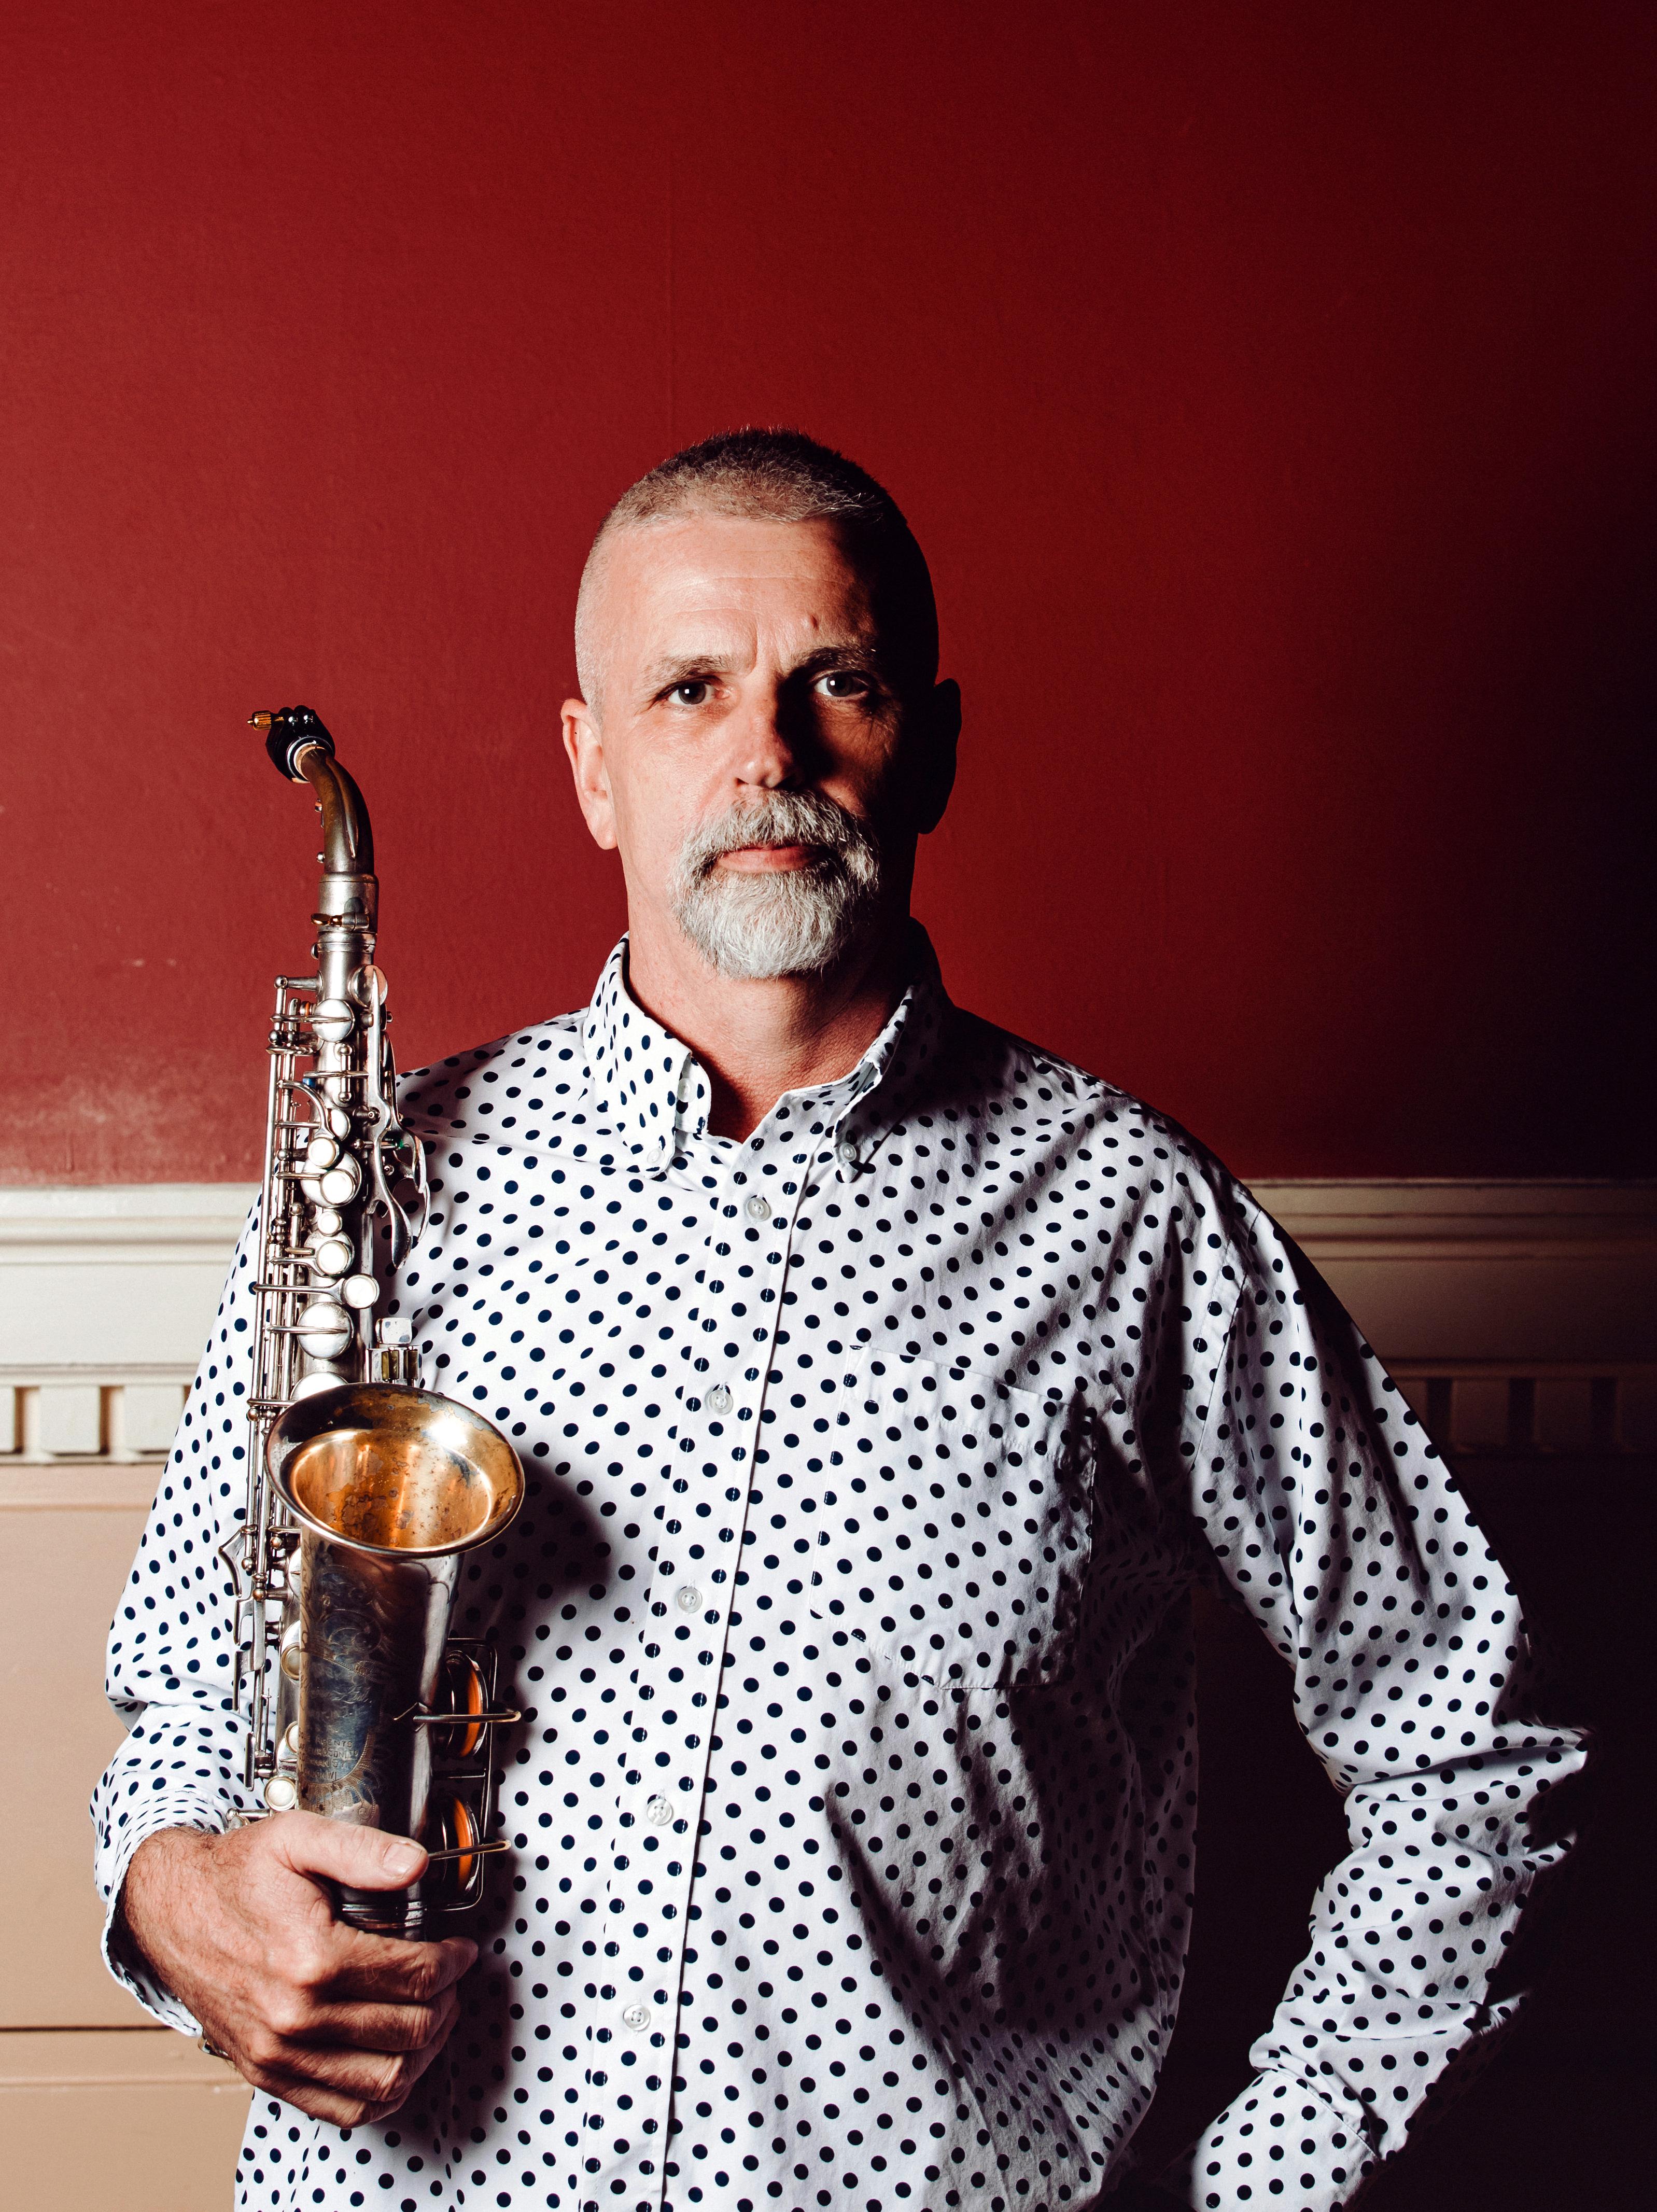 Paul James sax by Elly Lucas hi-res